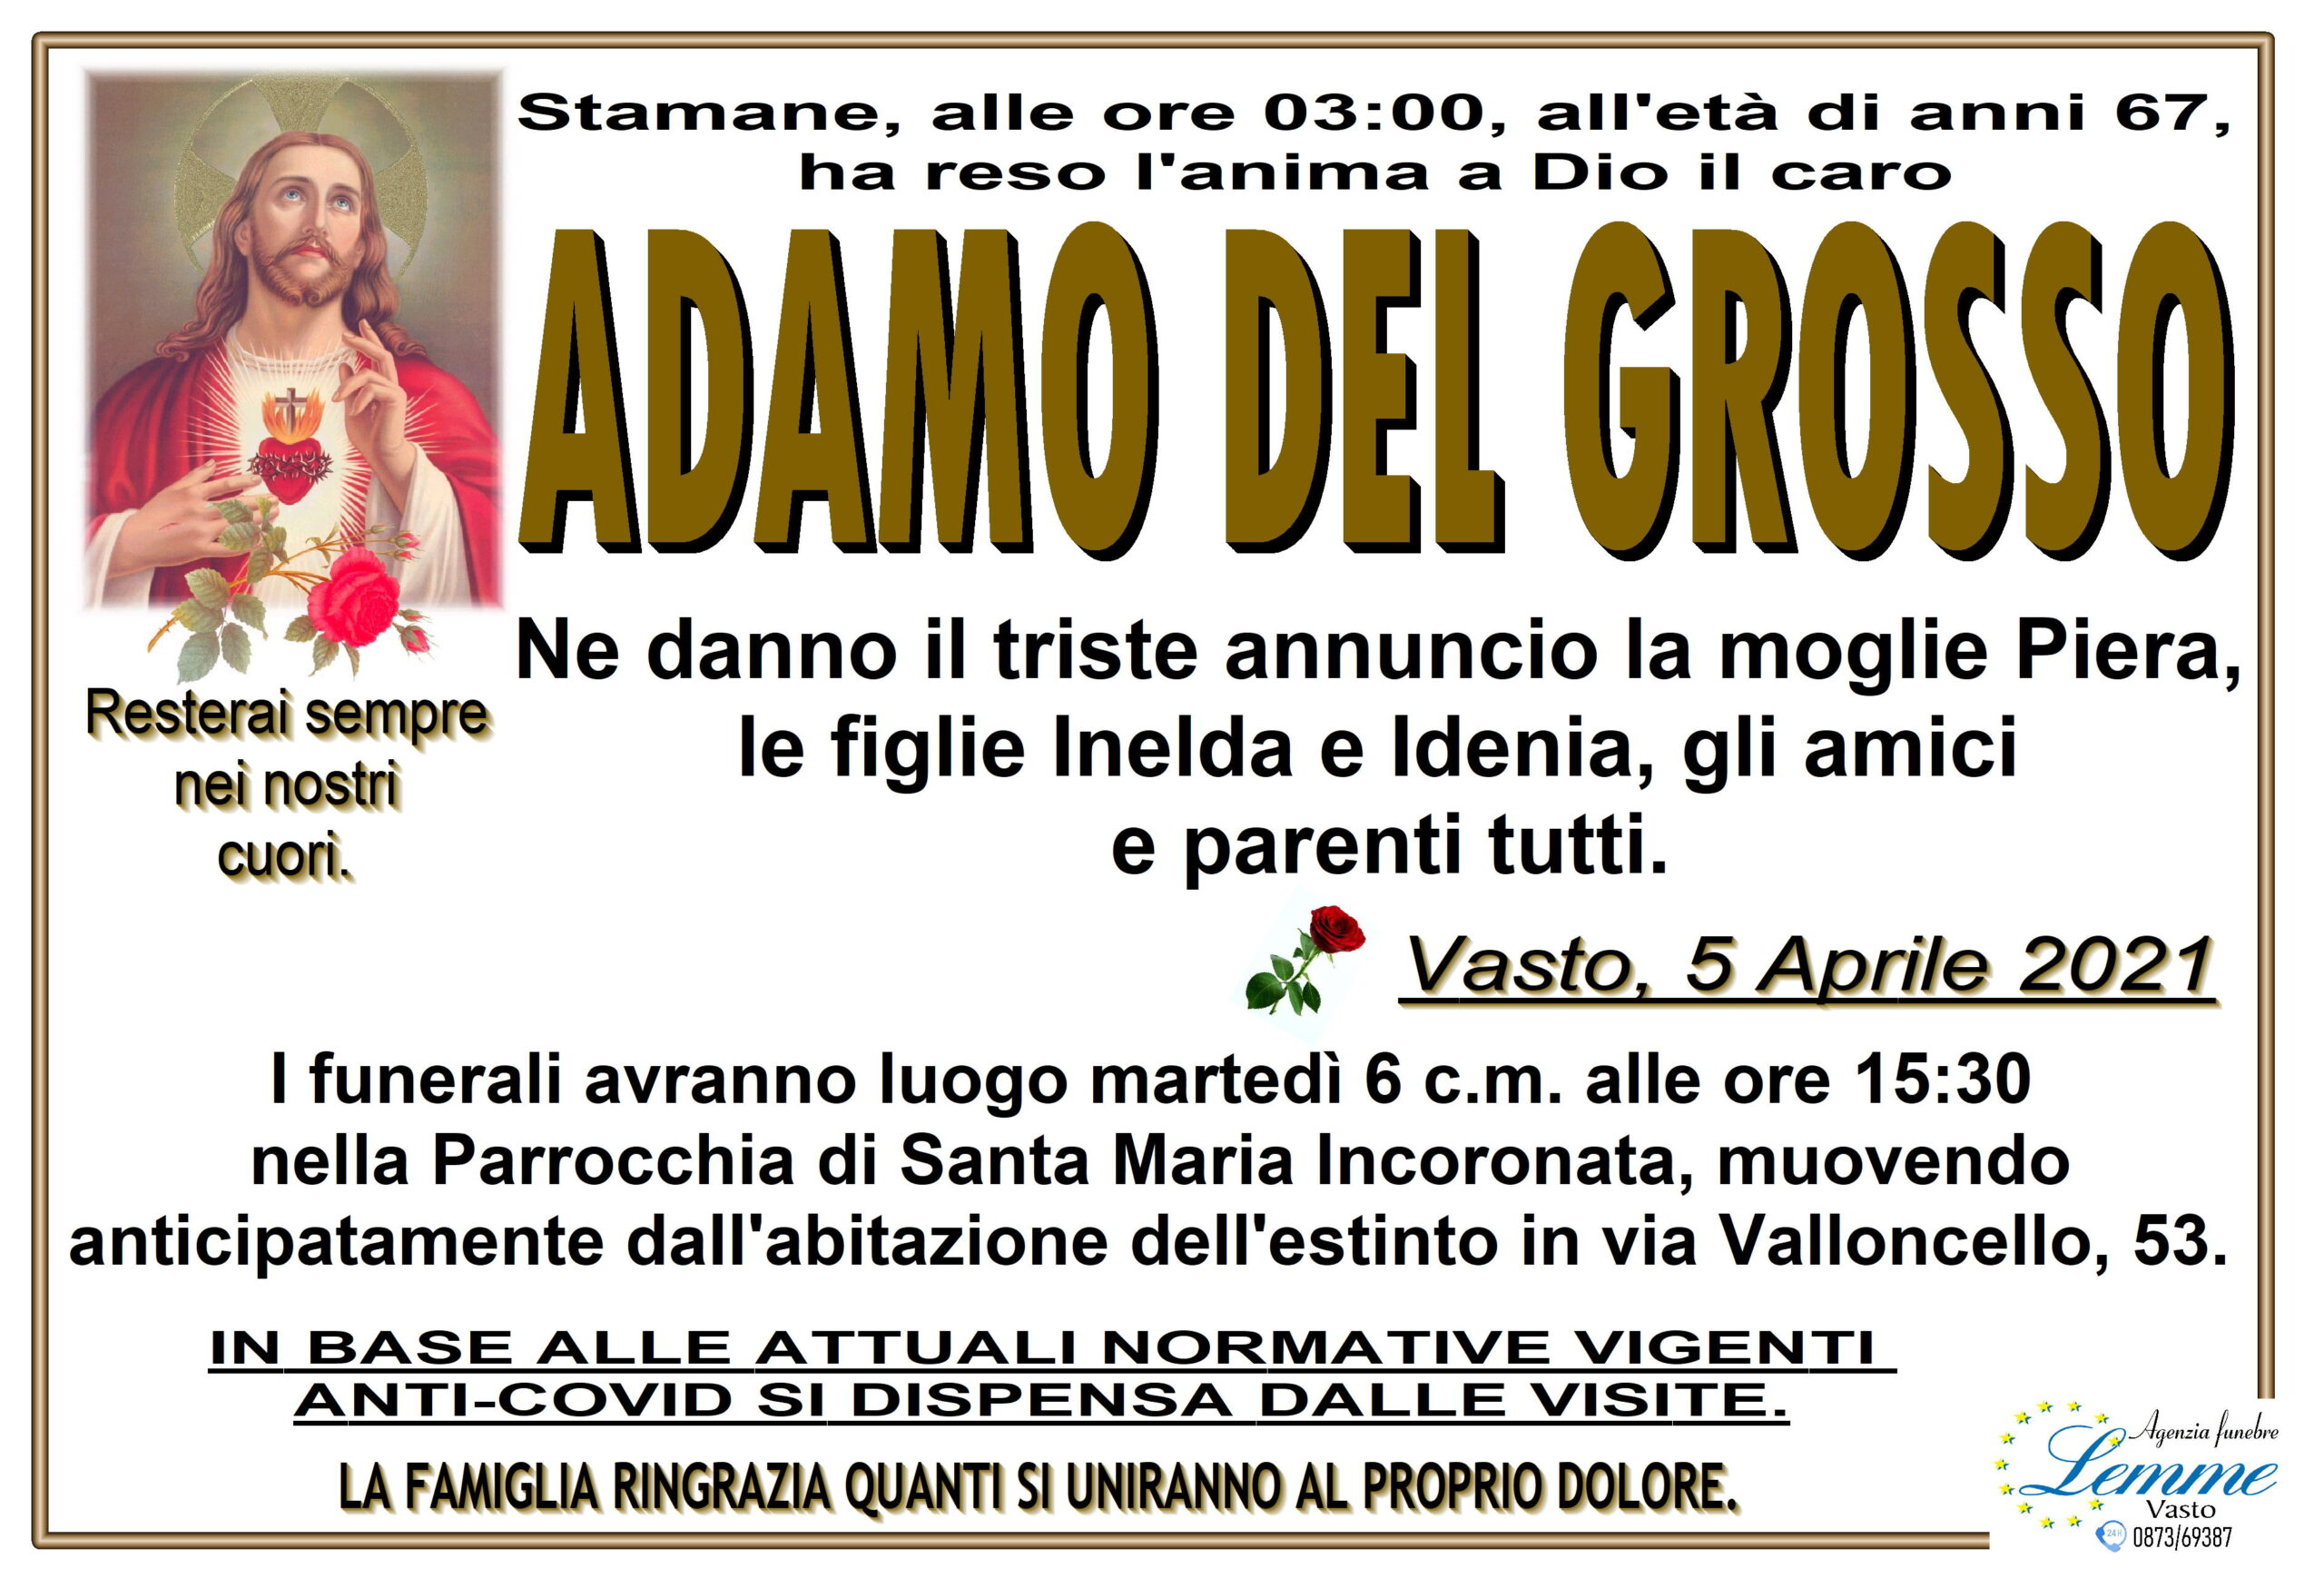 ADAMO DEL GROSSO